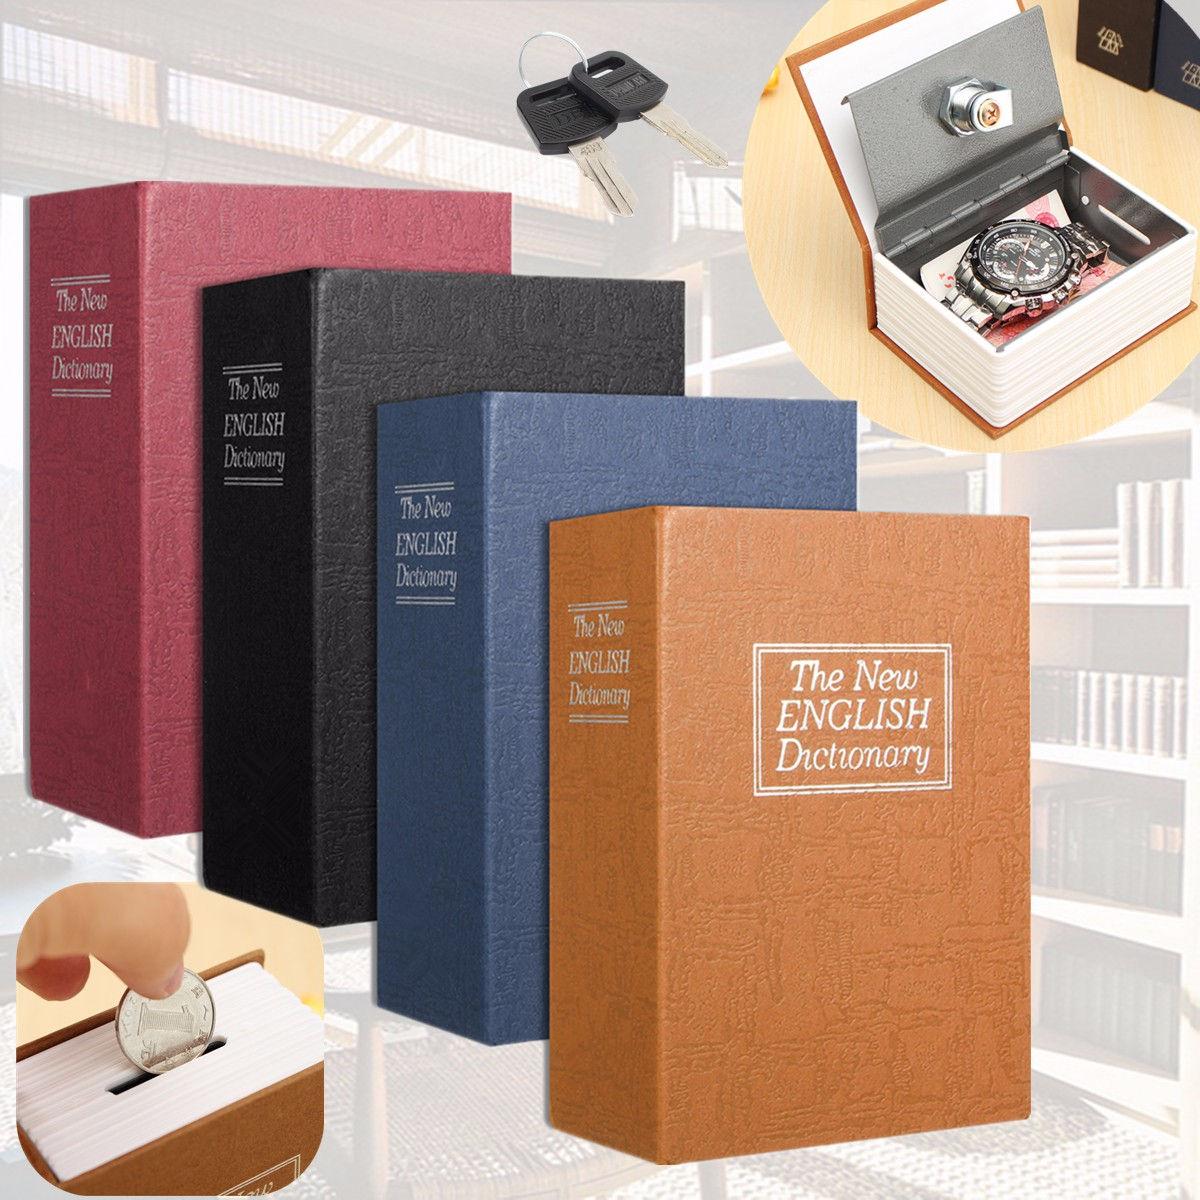 Dictionnaire Mini Coffre-fort Livre D'argent Masquer Secret Serrure De Sécurité Fort Cash Money Coin De Stockage Bijoux clé Casier Kid Cadeau